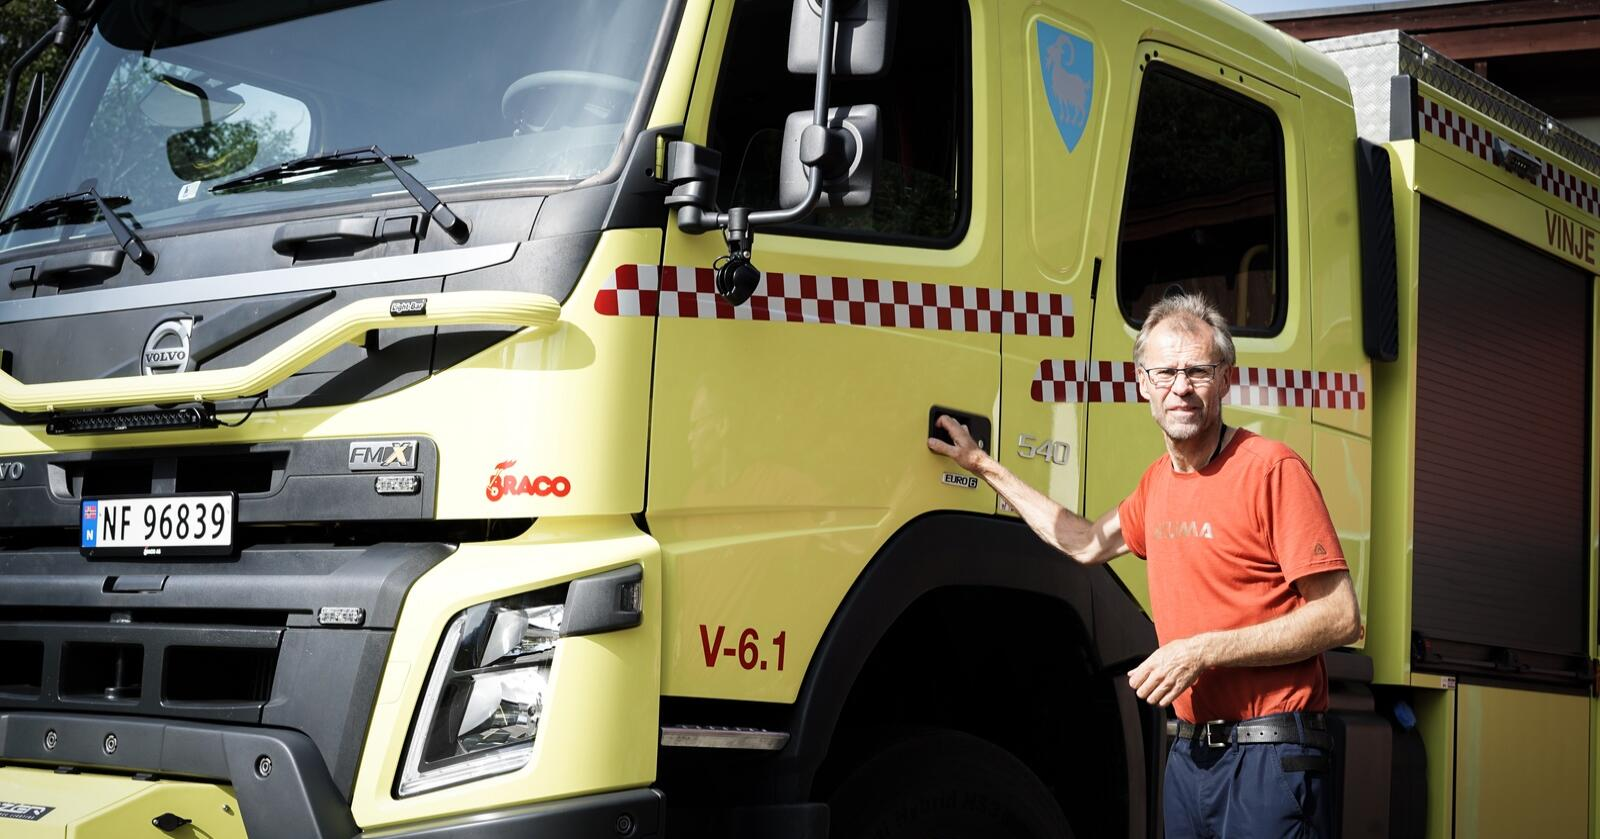 Olav Ringhus, leder for brann og beredskap i Vinje kommune, håper på mer synlig politi og kortere responstid. Foto: Benjamin H. Vogl